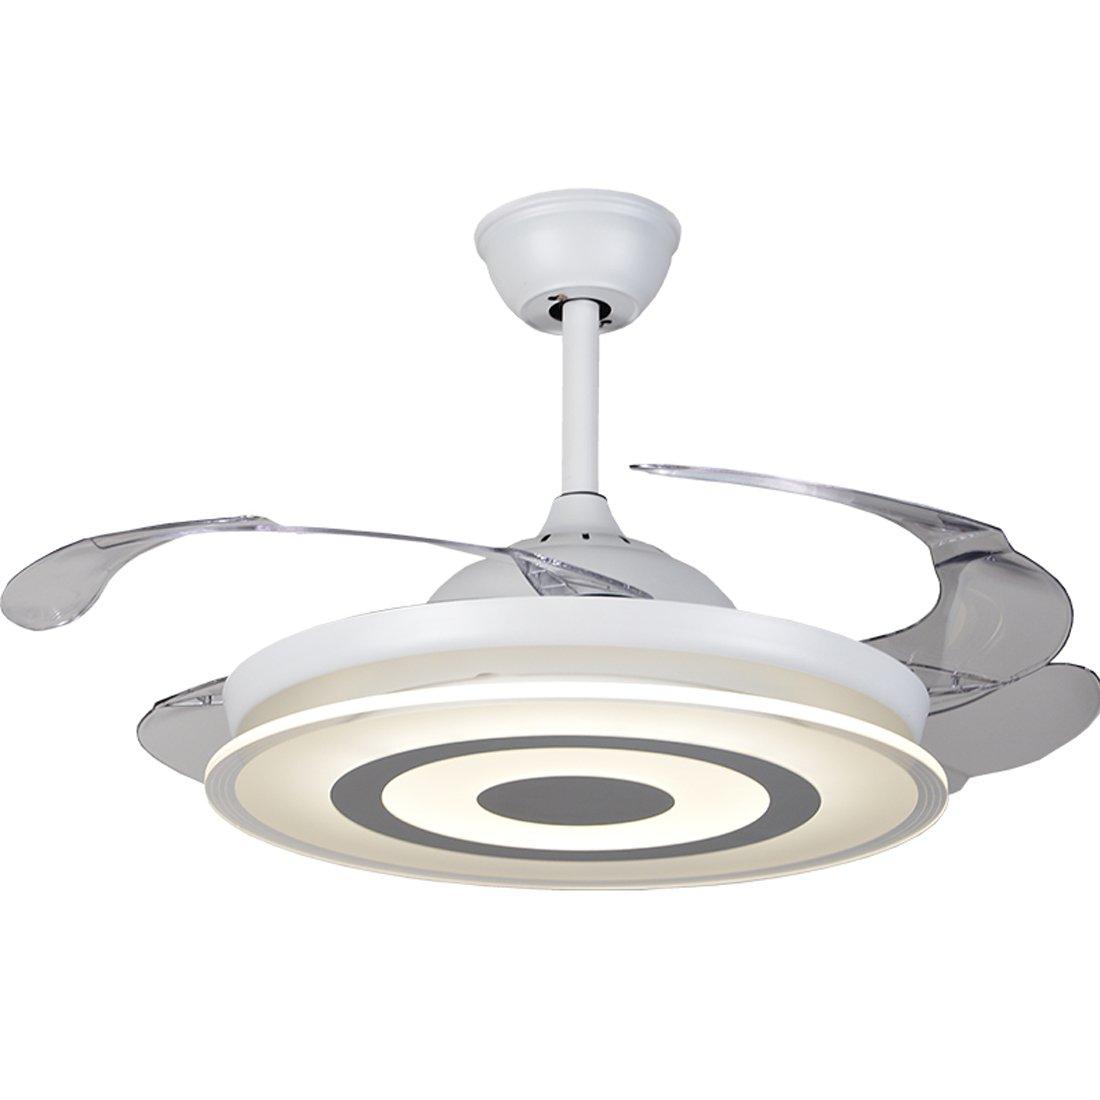 42-in Ultra-Thin Stealth Ceiling Fan Light Living Room Restaurant Scandinavian Simple Low Floor Fan Chandelier Bedroom LED Fan Light